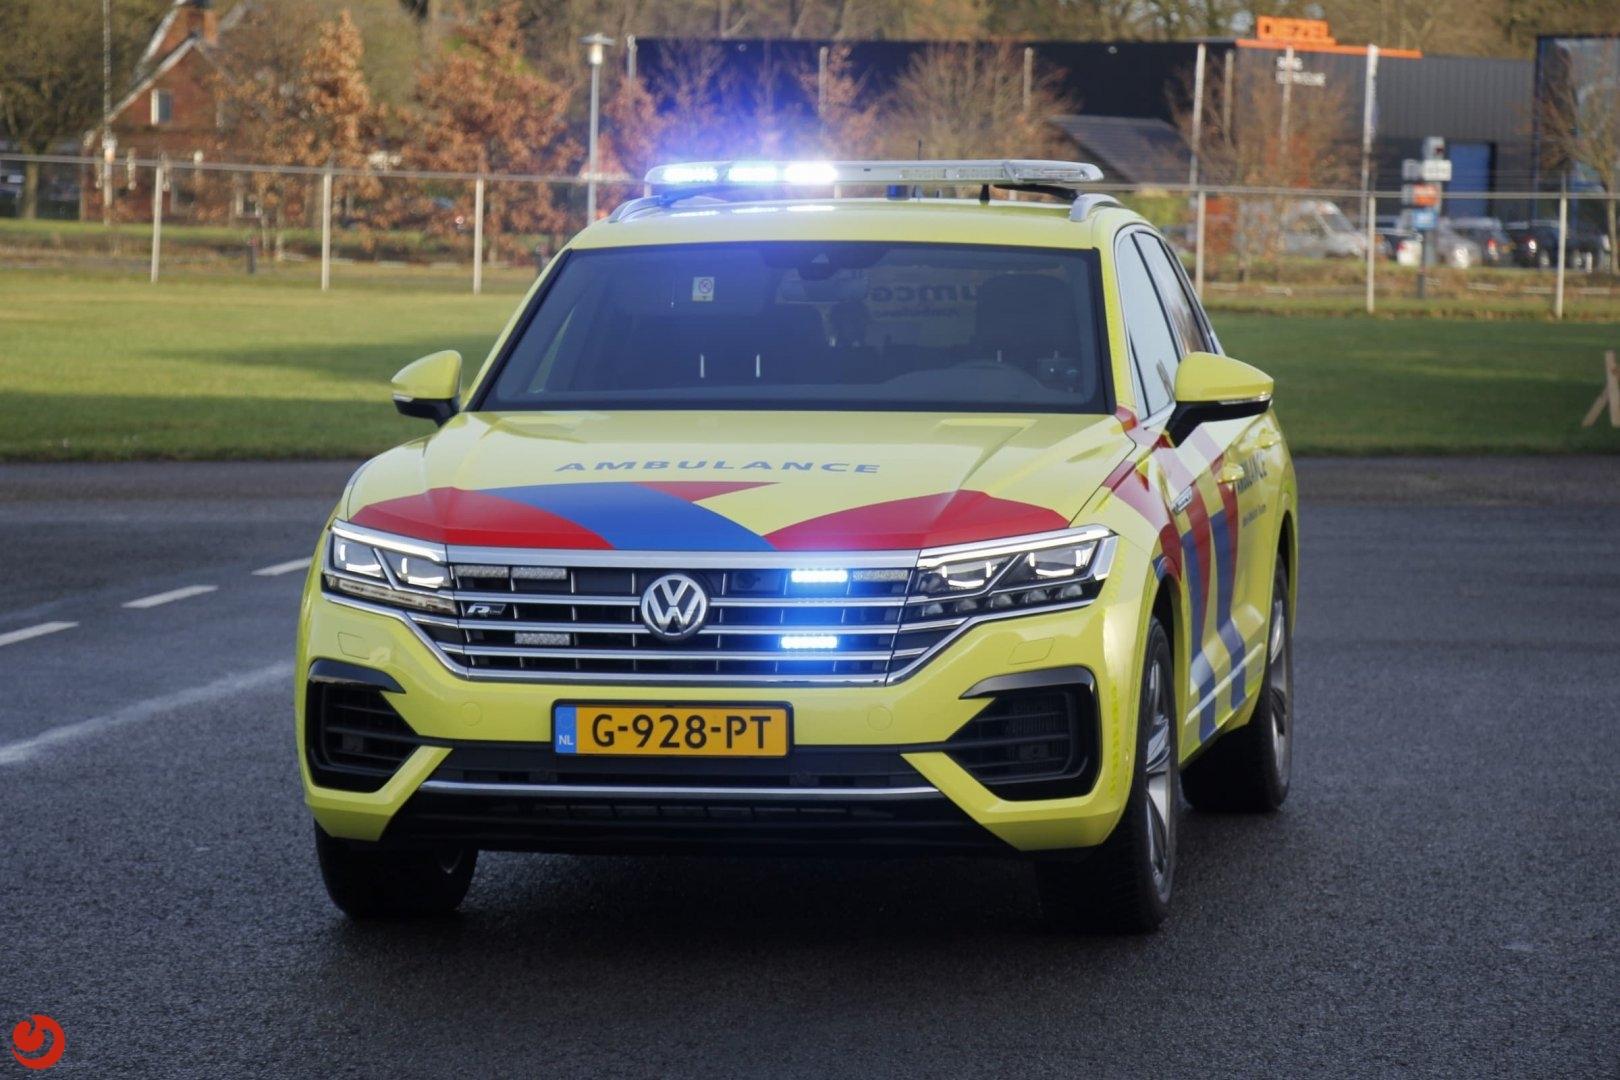 © Chris Roelsma/Noordernieuws.nl